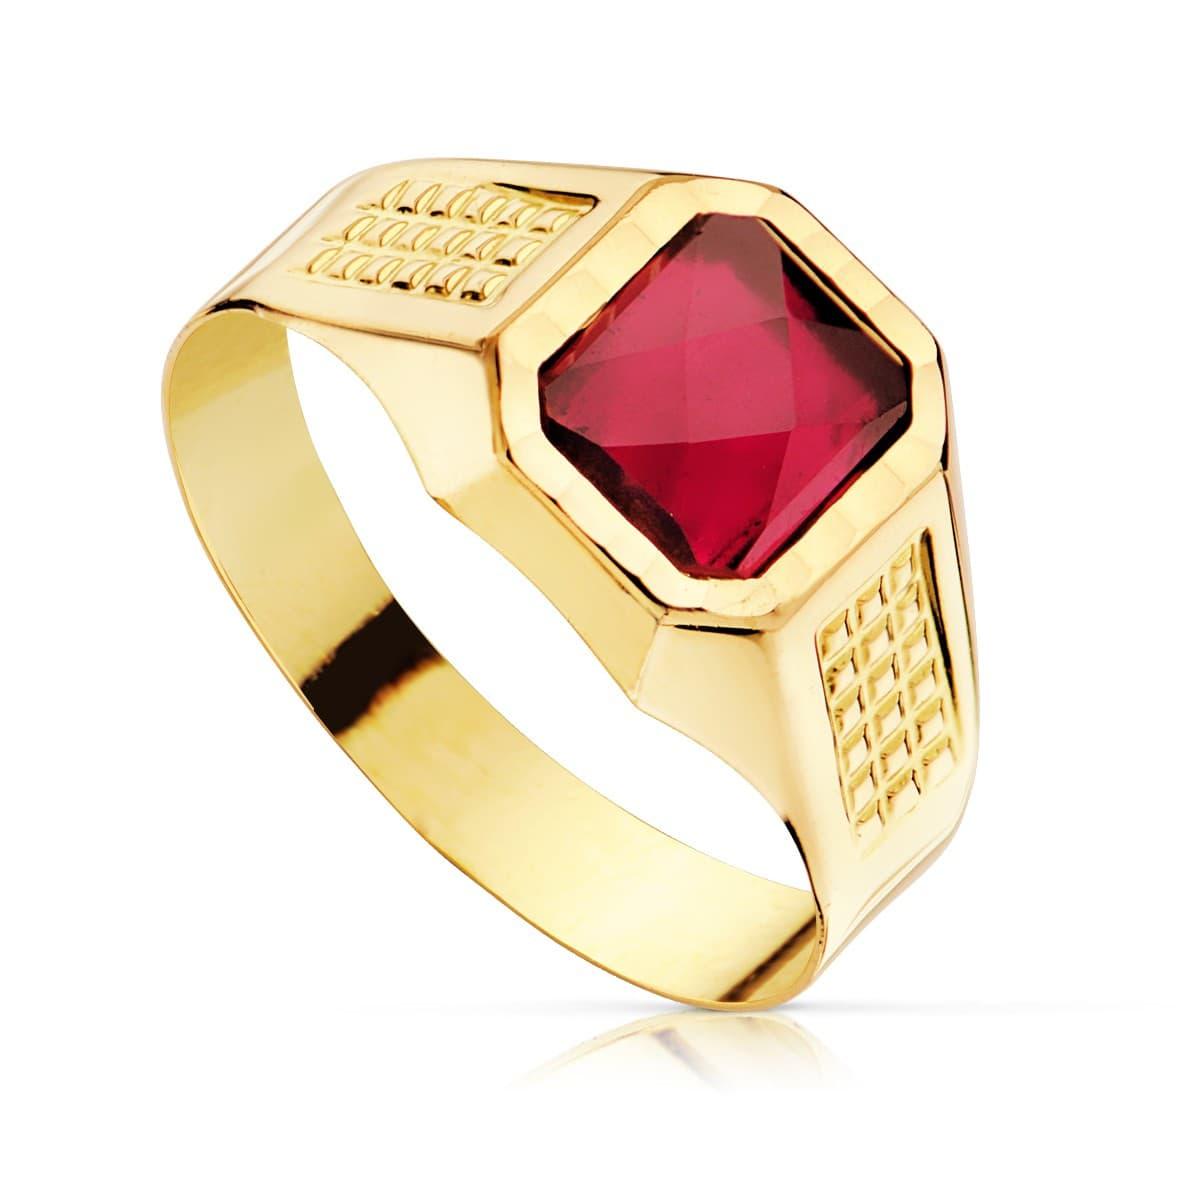 dc7aa9f4695c Sello cadete Liam Oro Amarillo 18K Piedra Roja anillo comunión niño regalo  joya personalizable grabado gratuito